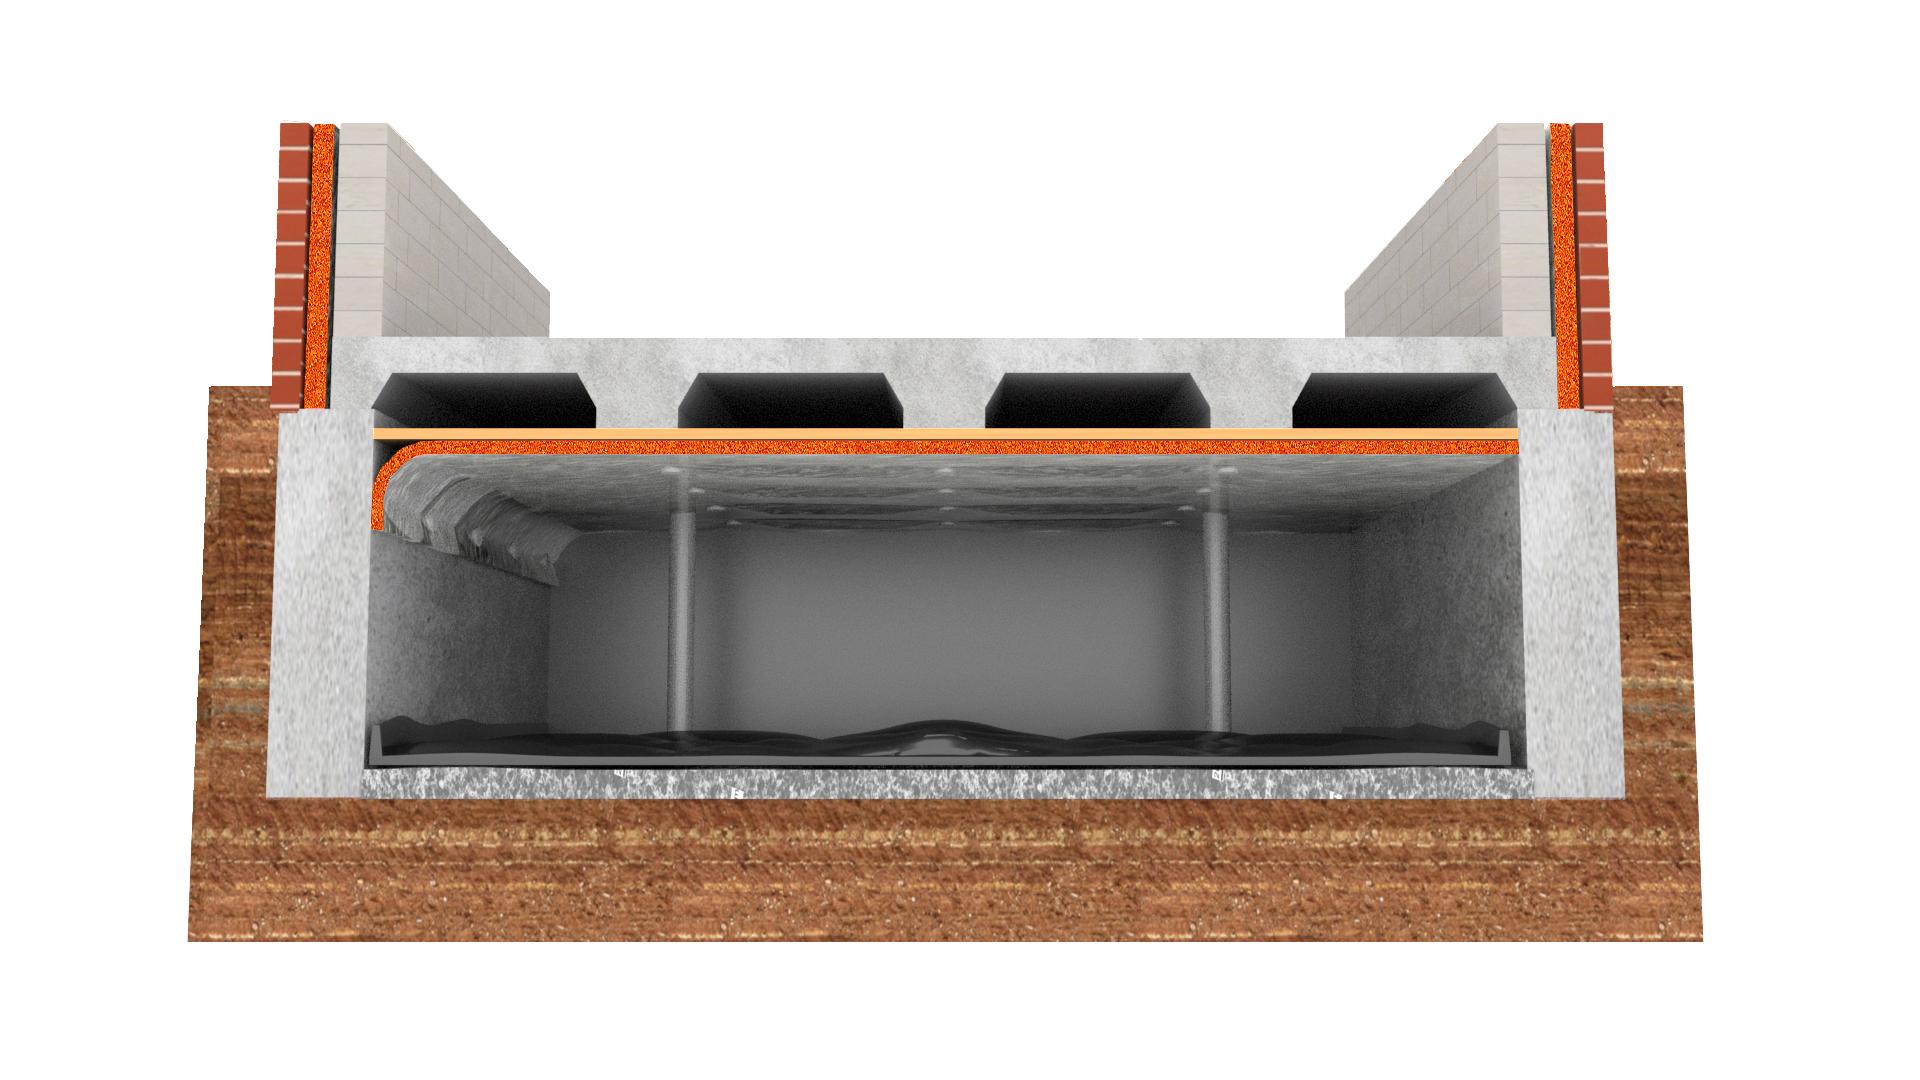 betonnenvloer met bodemfolie bewerkt transparent